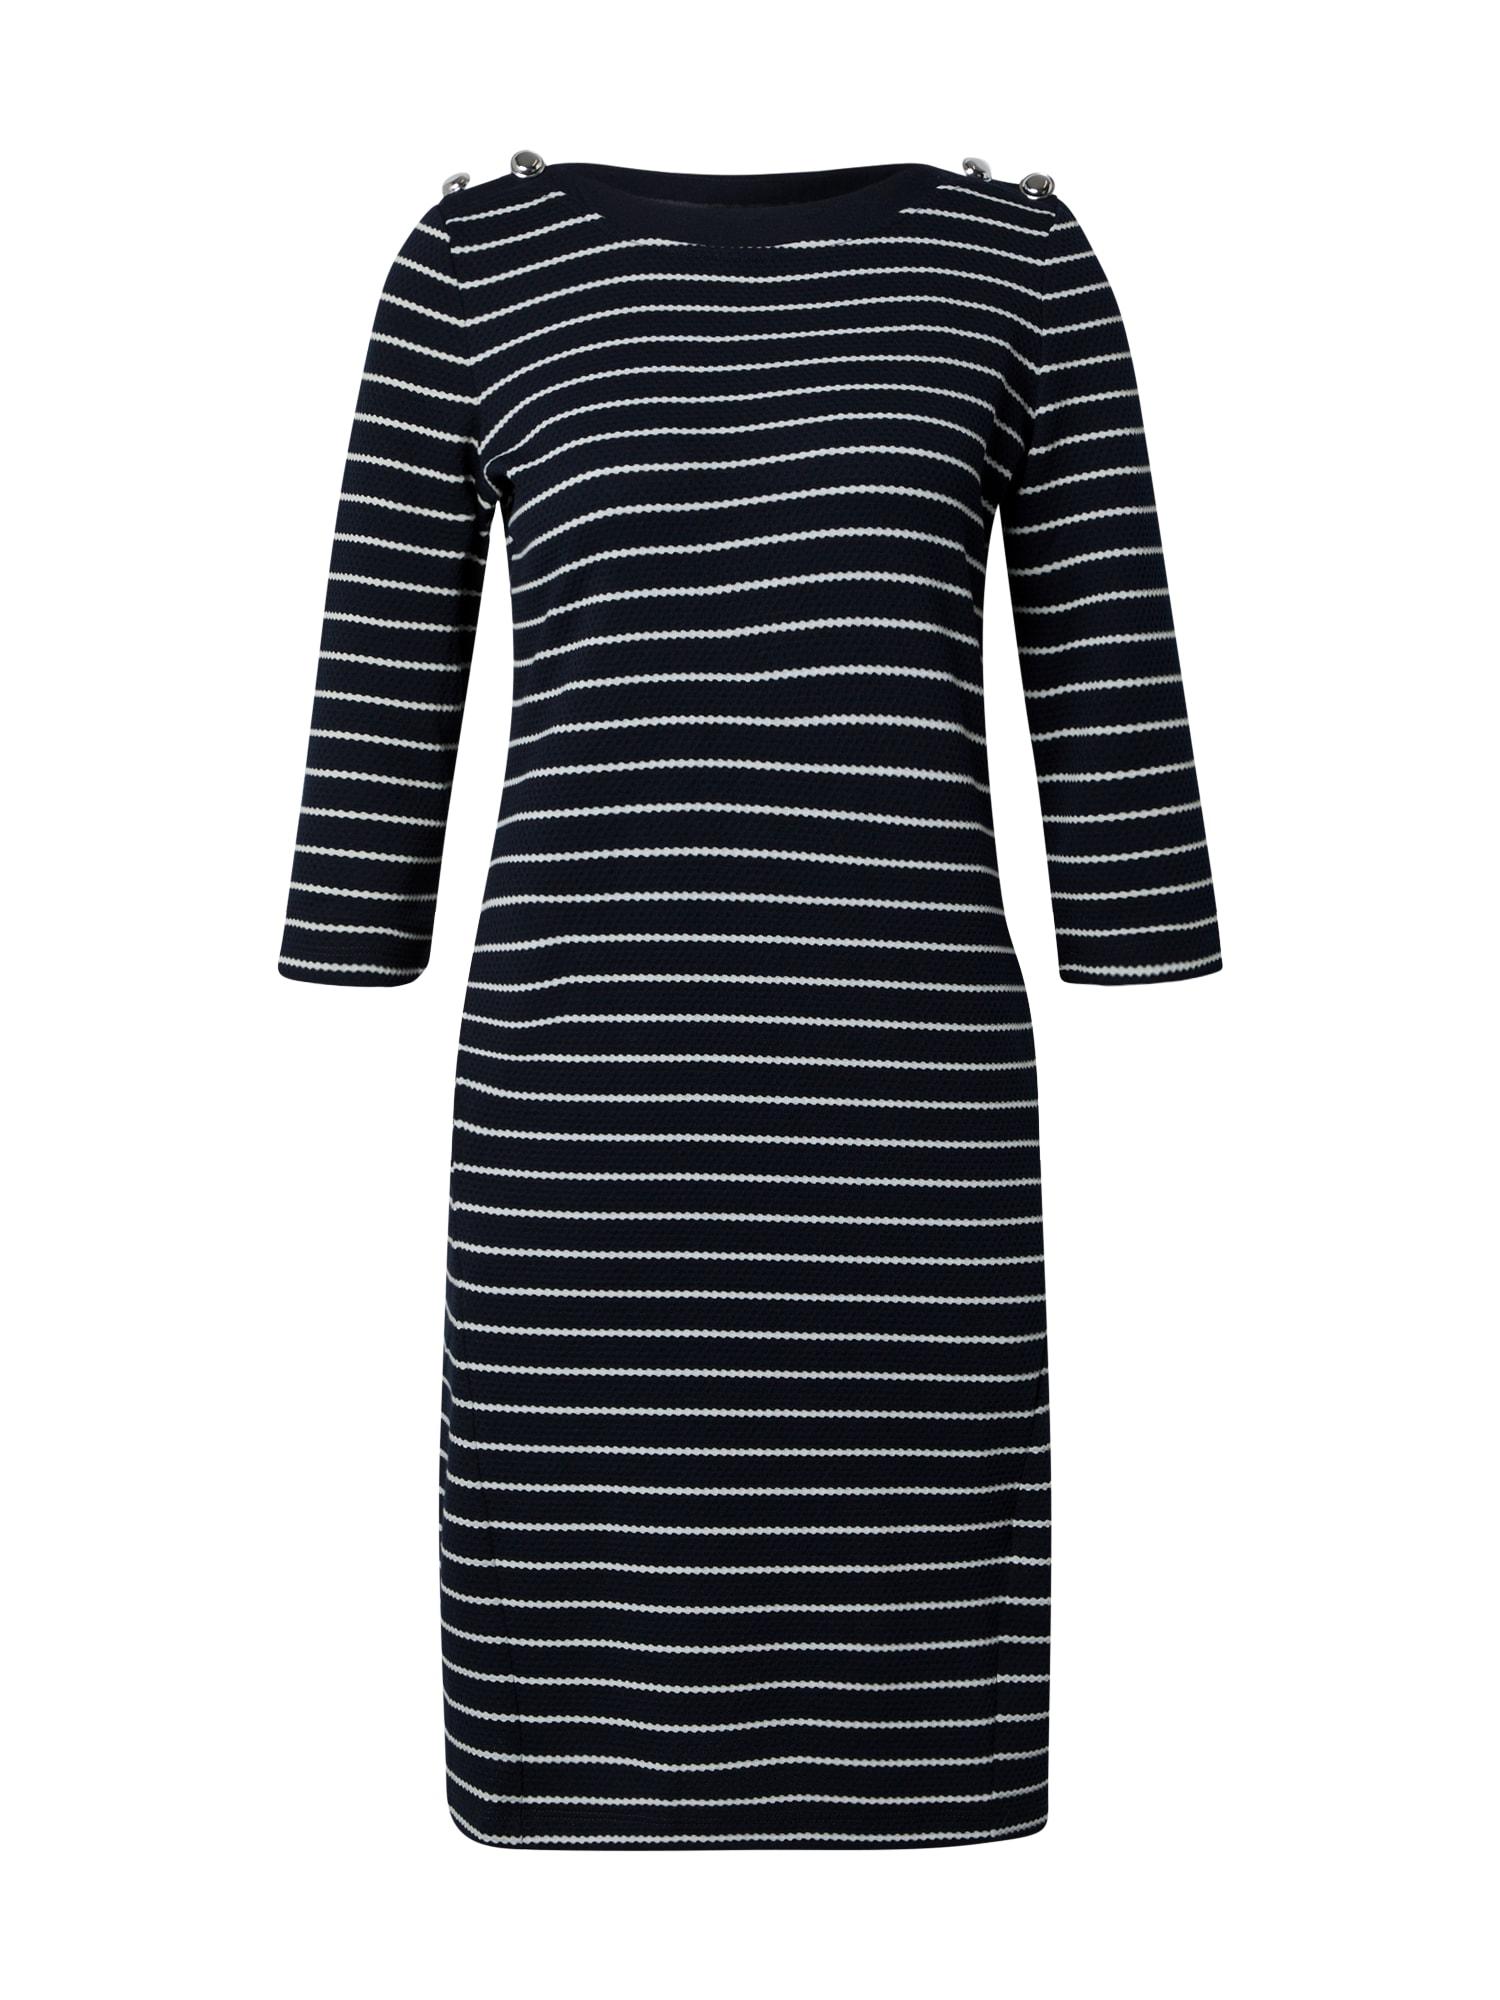 TAIFUN Suknelė ultramarino mėlyna (skaidri)